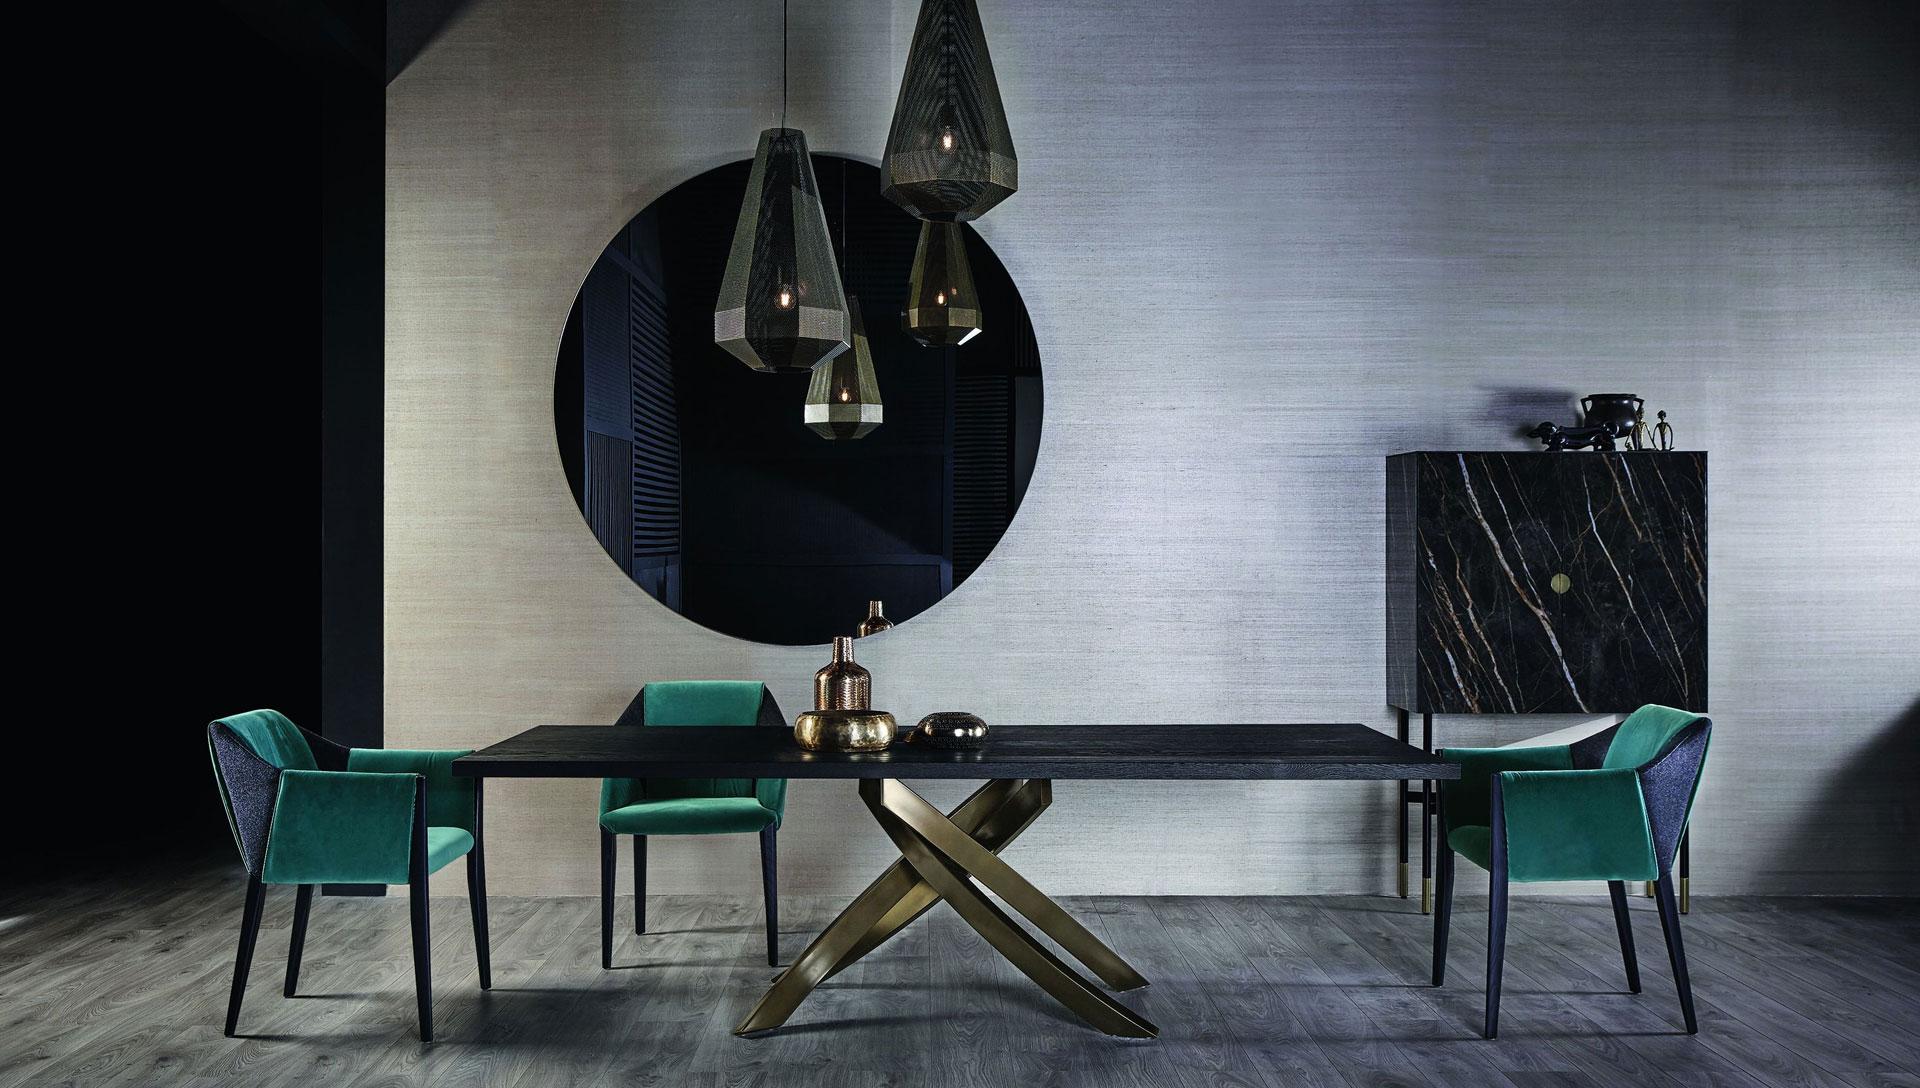 zona giorno-bontempi-comodus-arredamenti-nicoletti-interni-interior-design-divani-complementi-arredo-mobili-design-accessori-matera